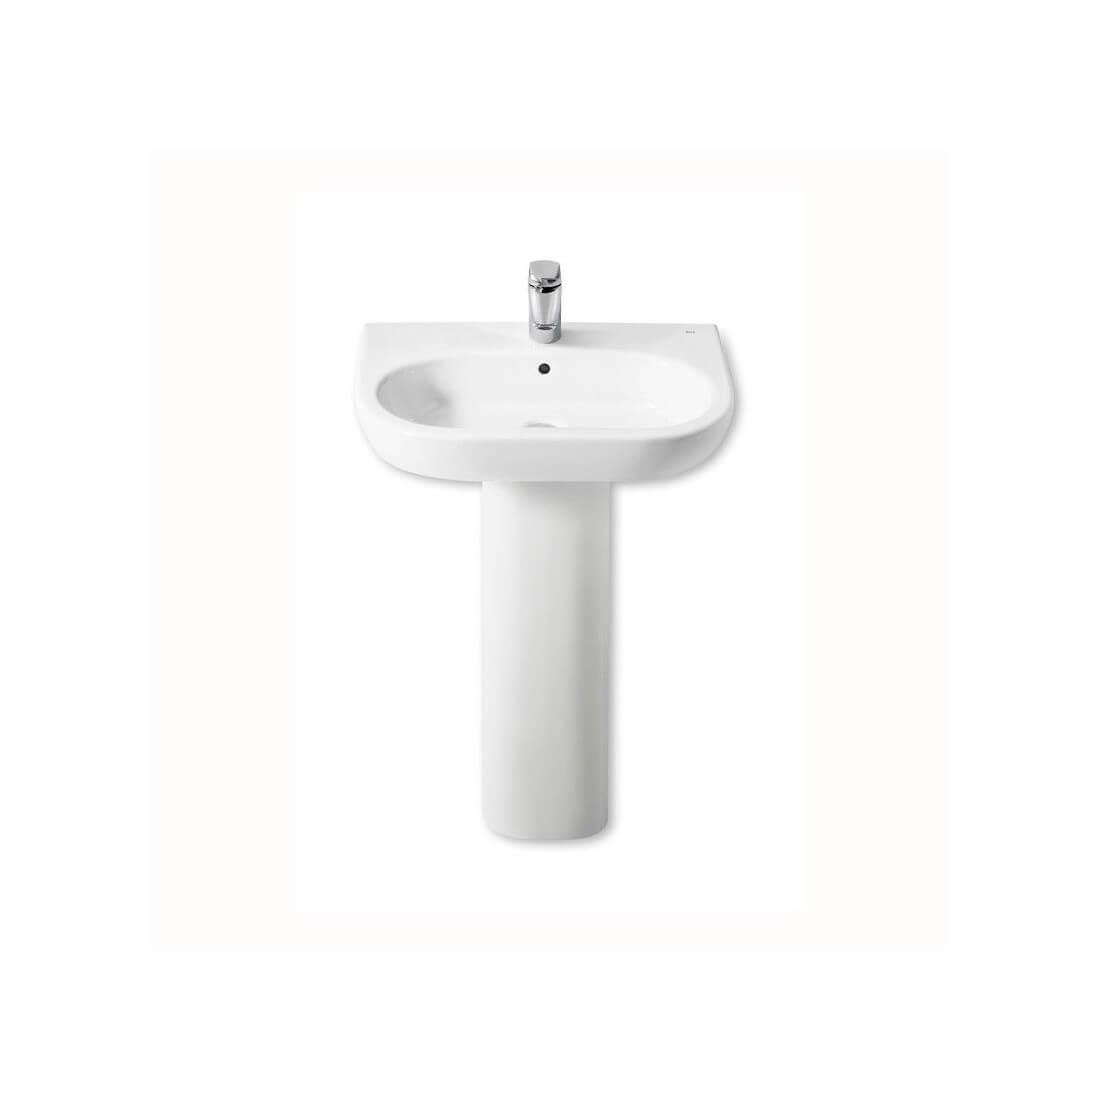 Comprar lavabo roca meridian con pedestal al mejor precio - Precio de lavabos ...